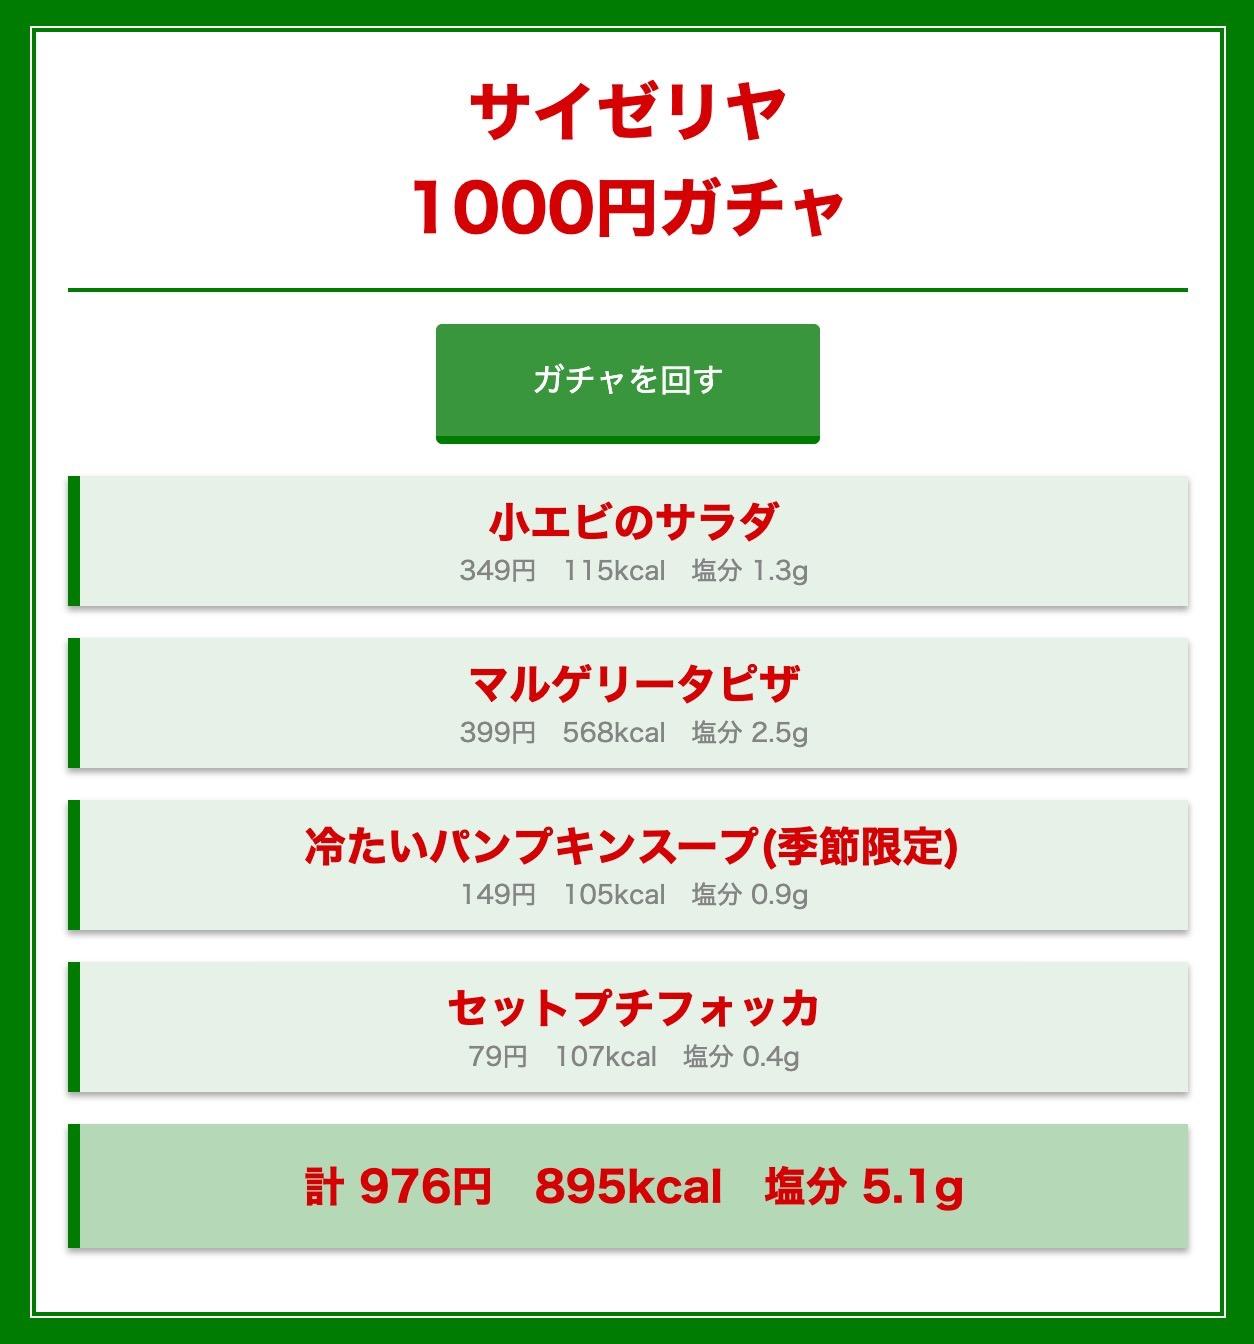 「サイゼリヤ 1000円ガチャ」4